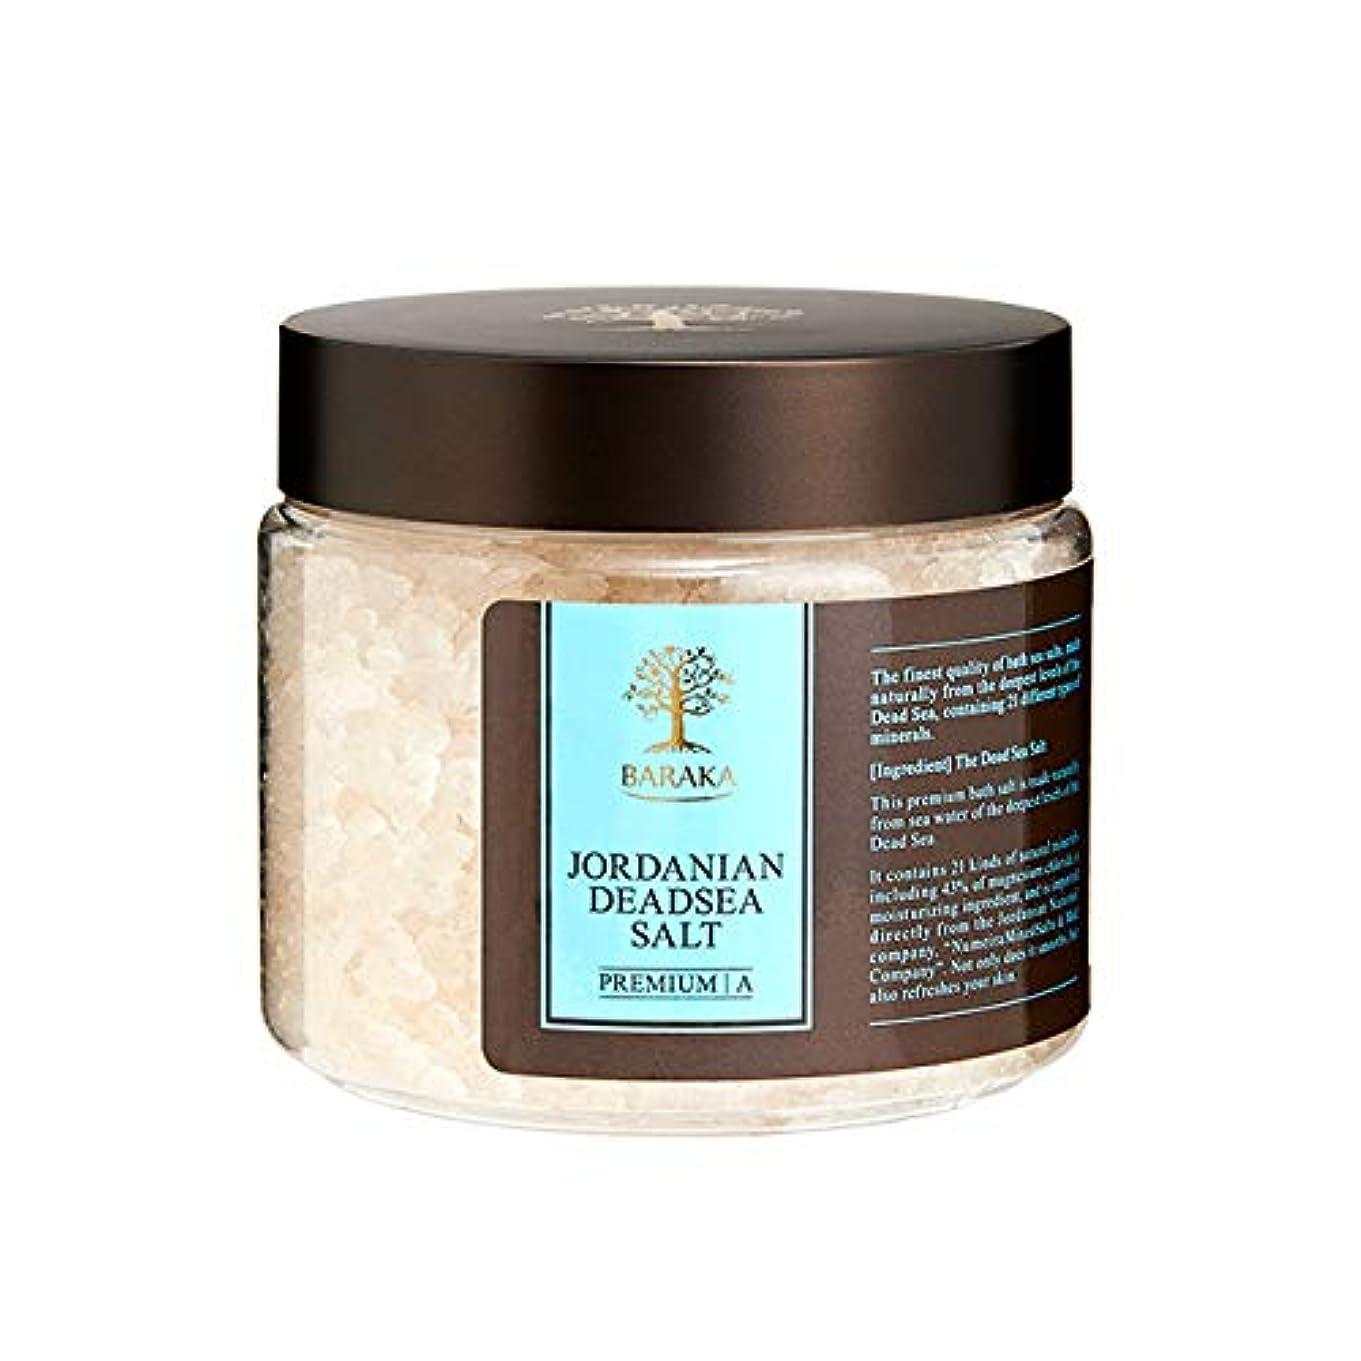 強制細いスキニーBARAKA(バラカ) ジョルダニアン デッドシー ソルト 500g バスソルト 入浴剤 ヨルダン産死海塩100%